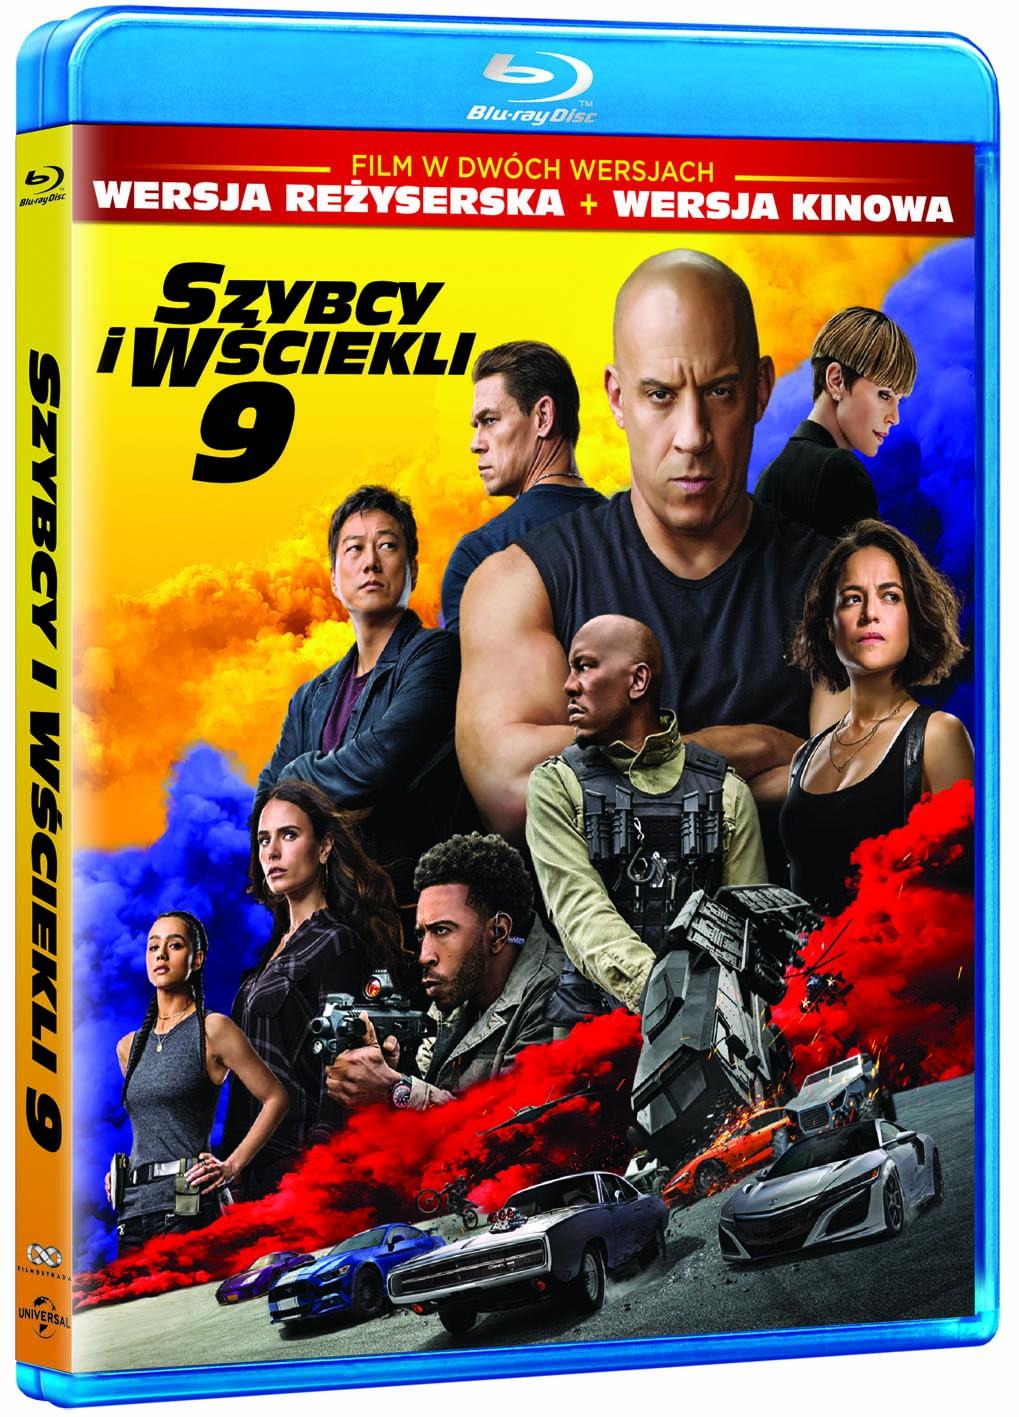 Szybcy i wsciekli 9 Blu-ray